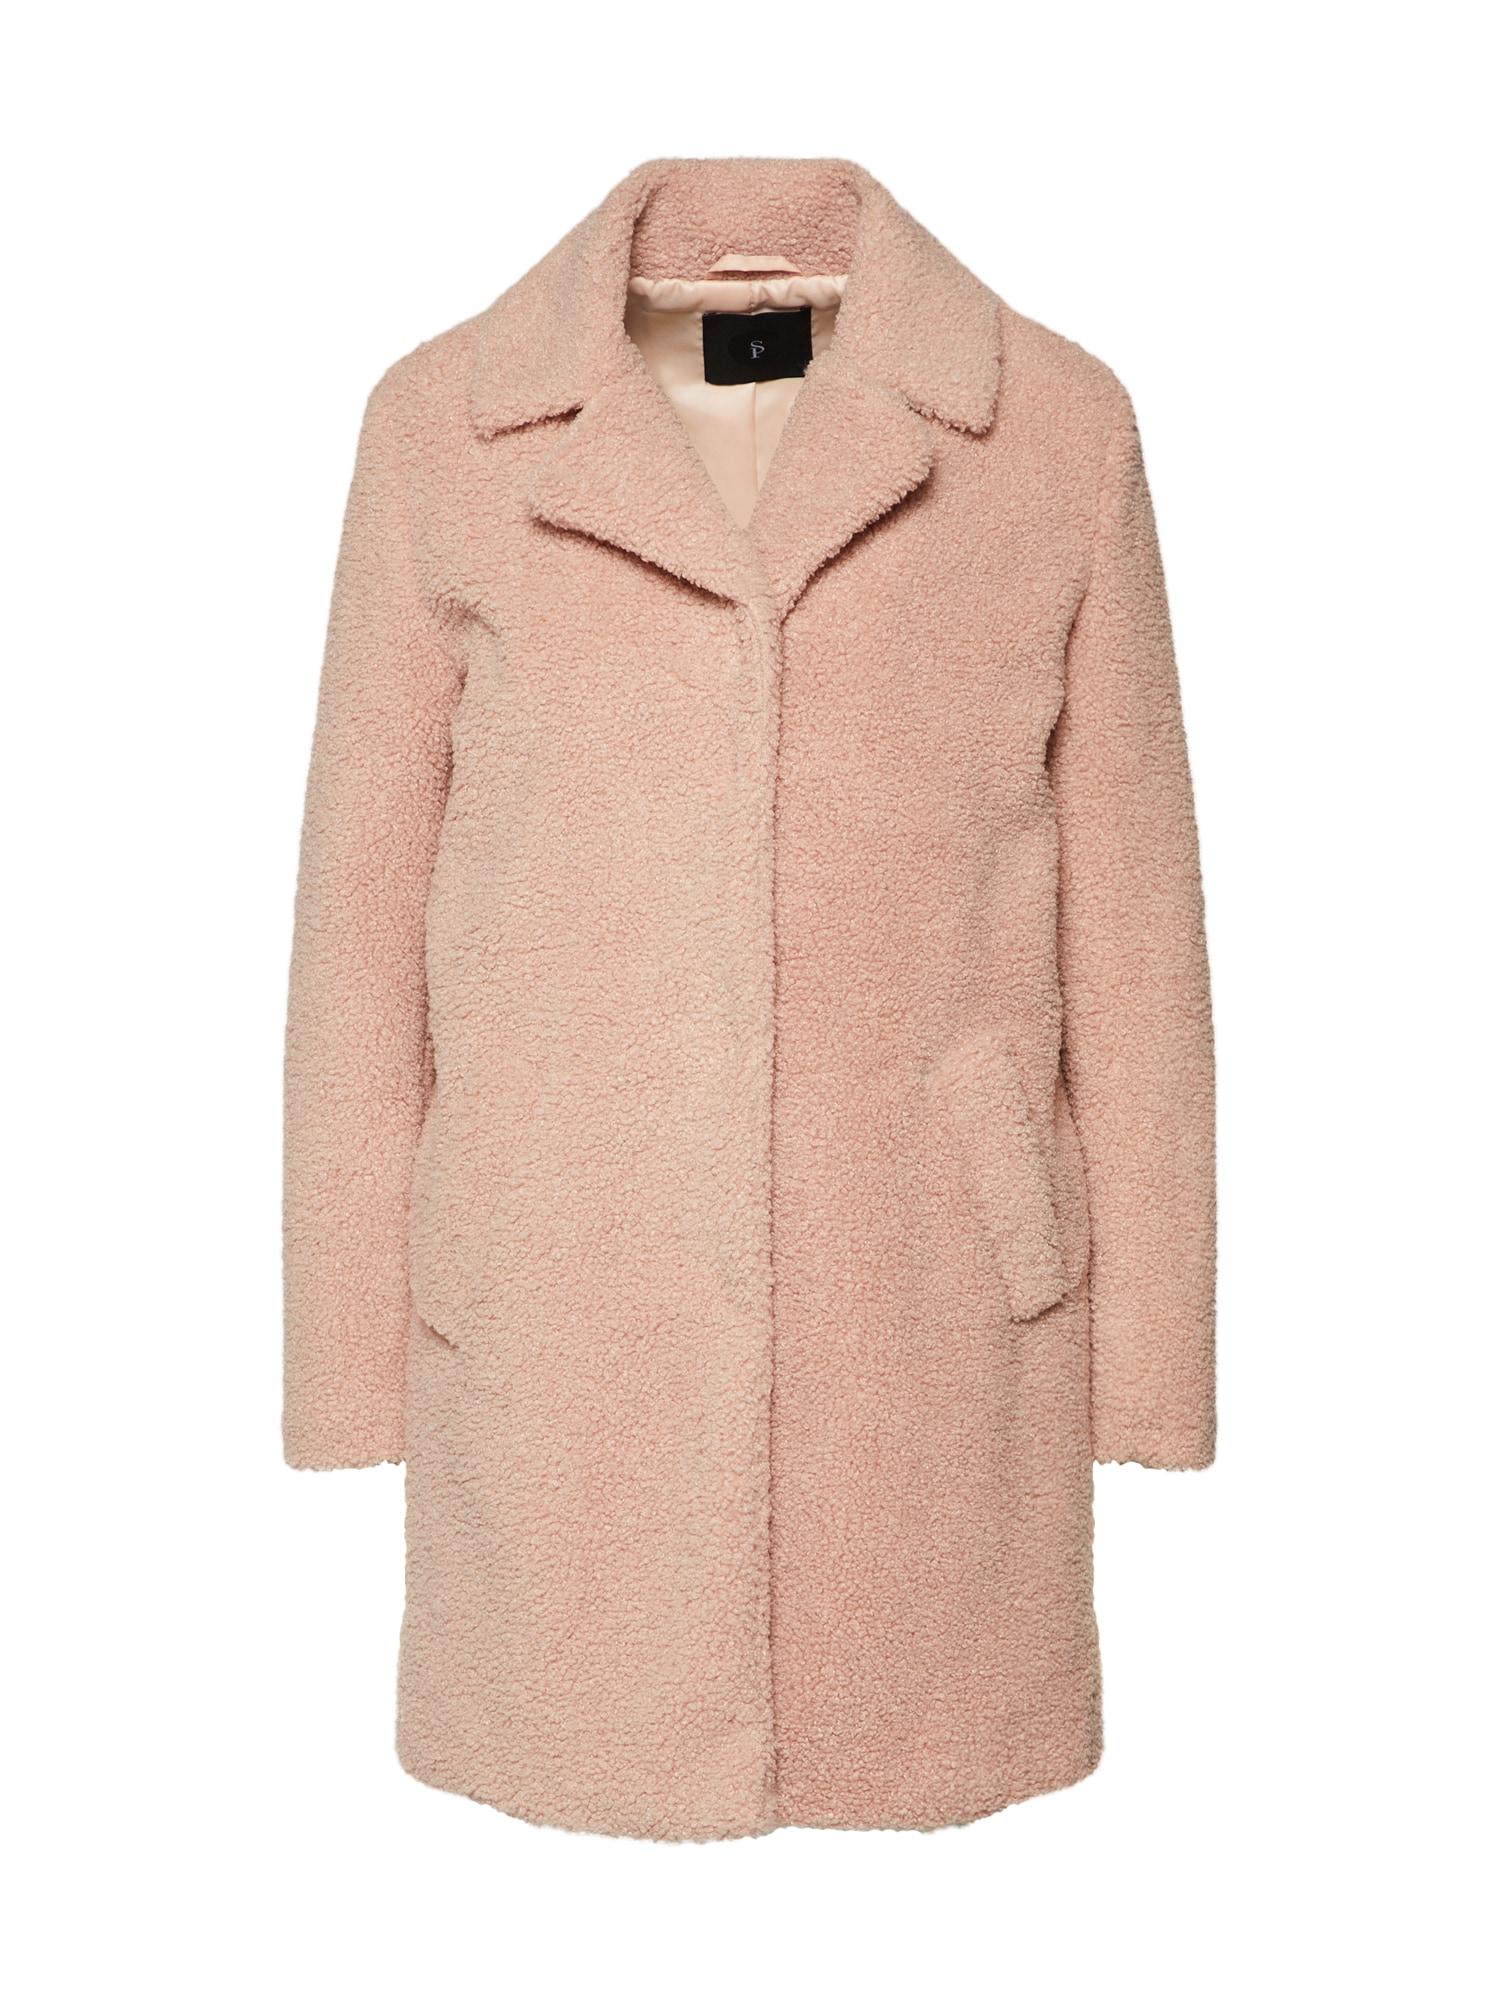 Přechodný kabát DOFI-LONG růže SISTERS POINT